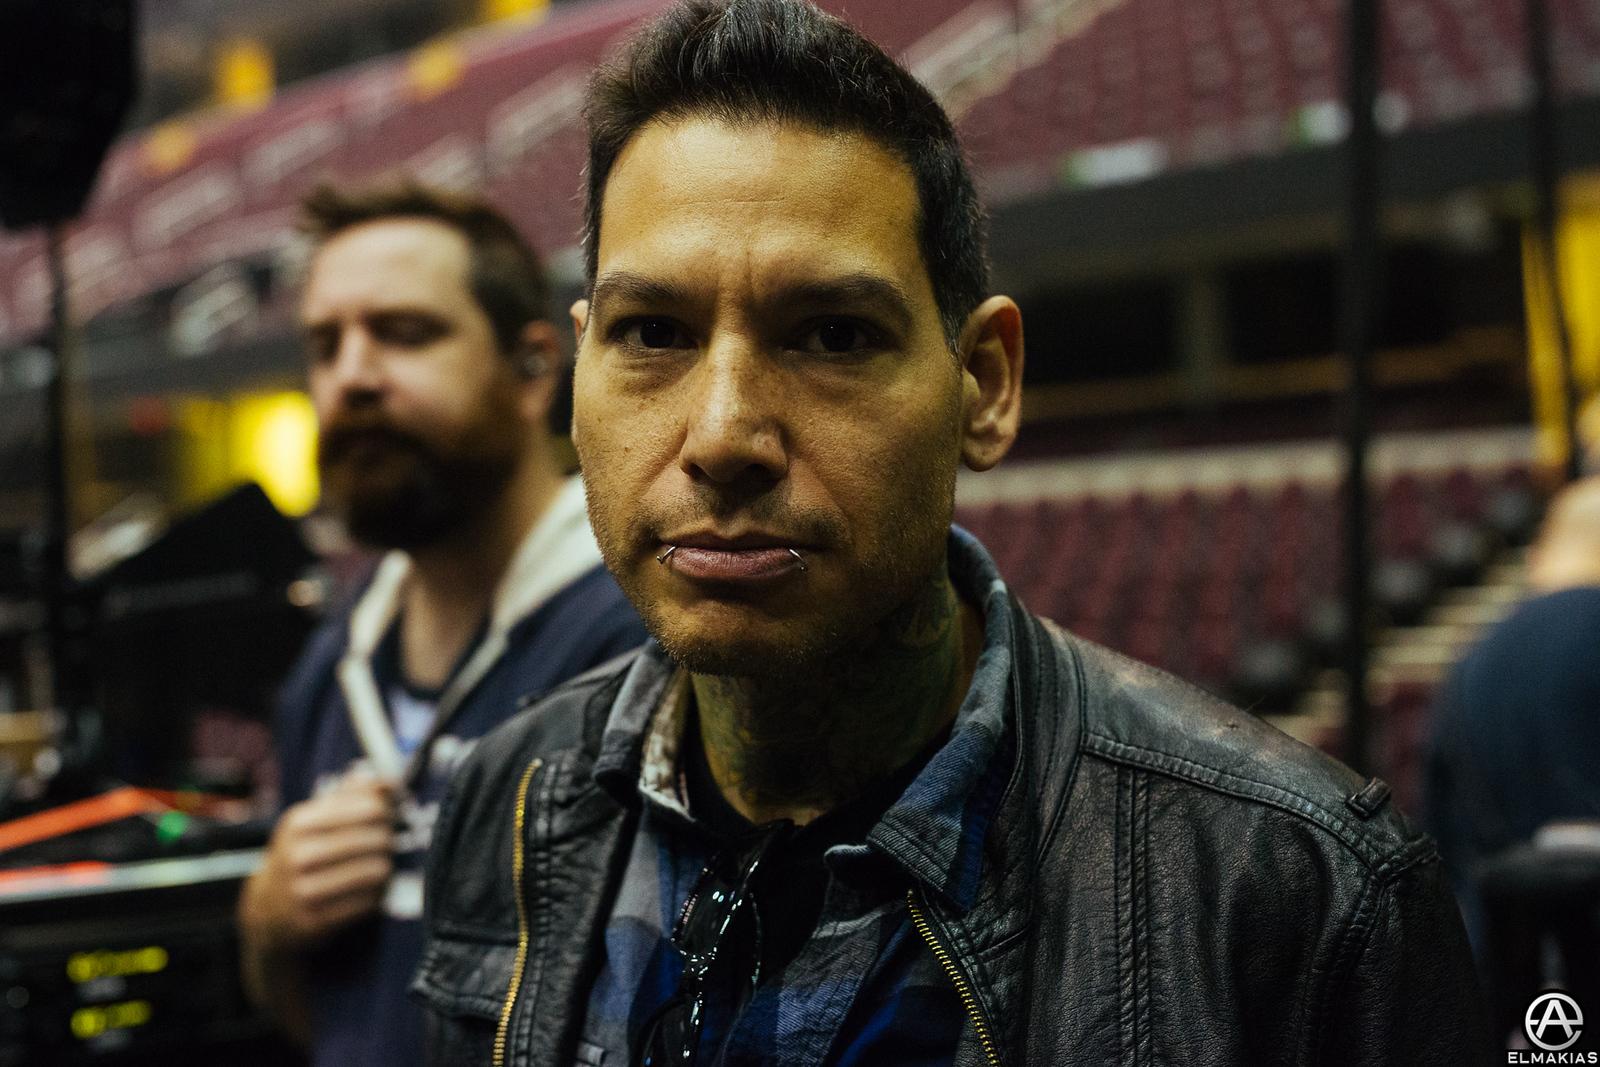 Mike Herrera at the 2015 APMAs by Adam Elmakias